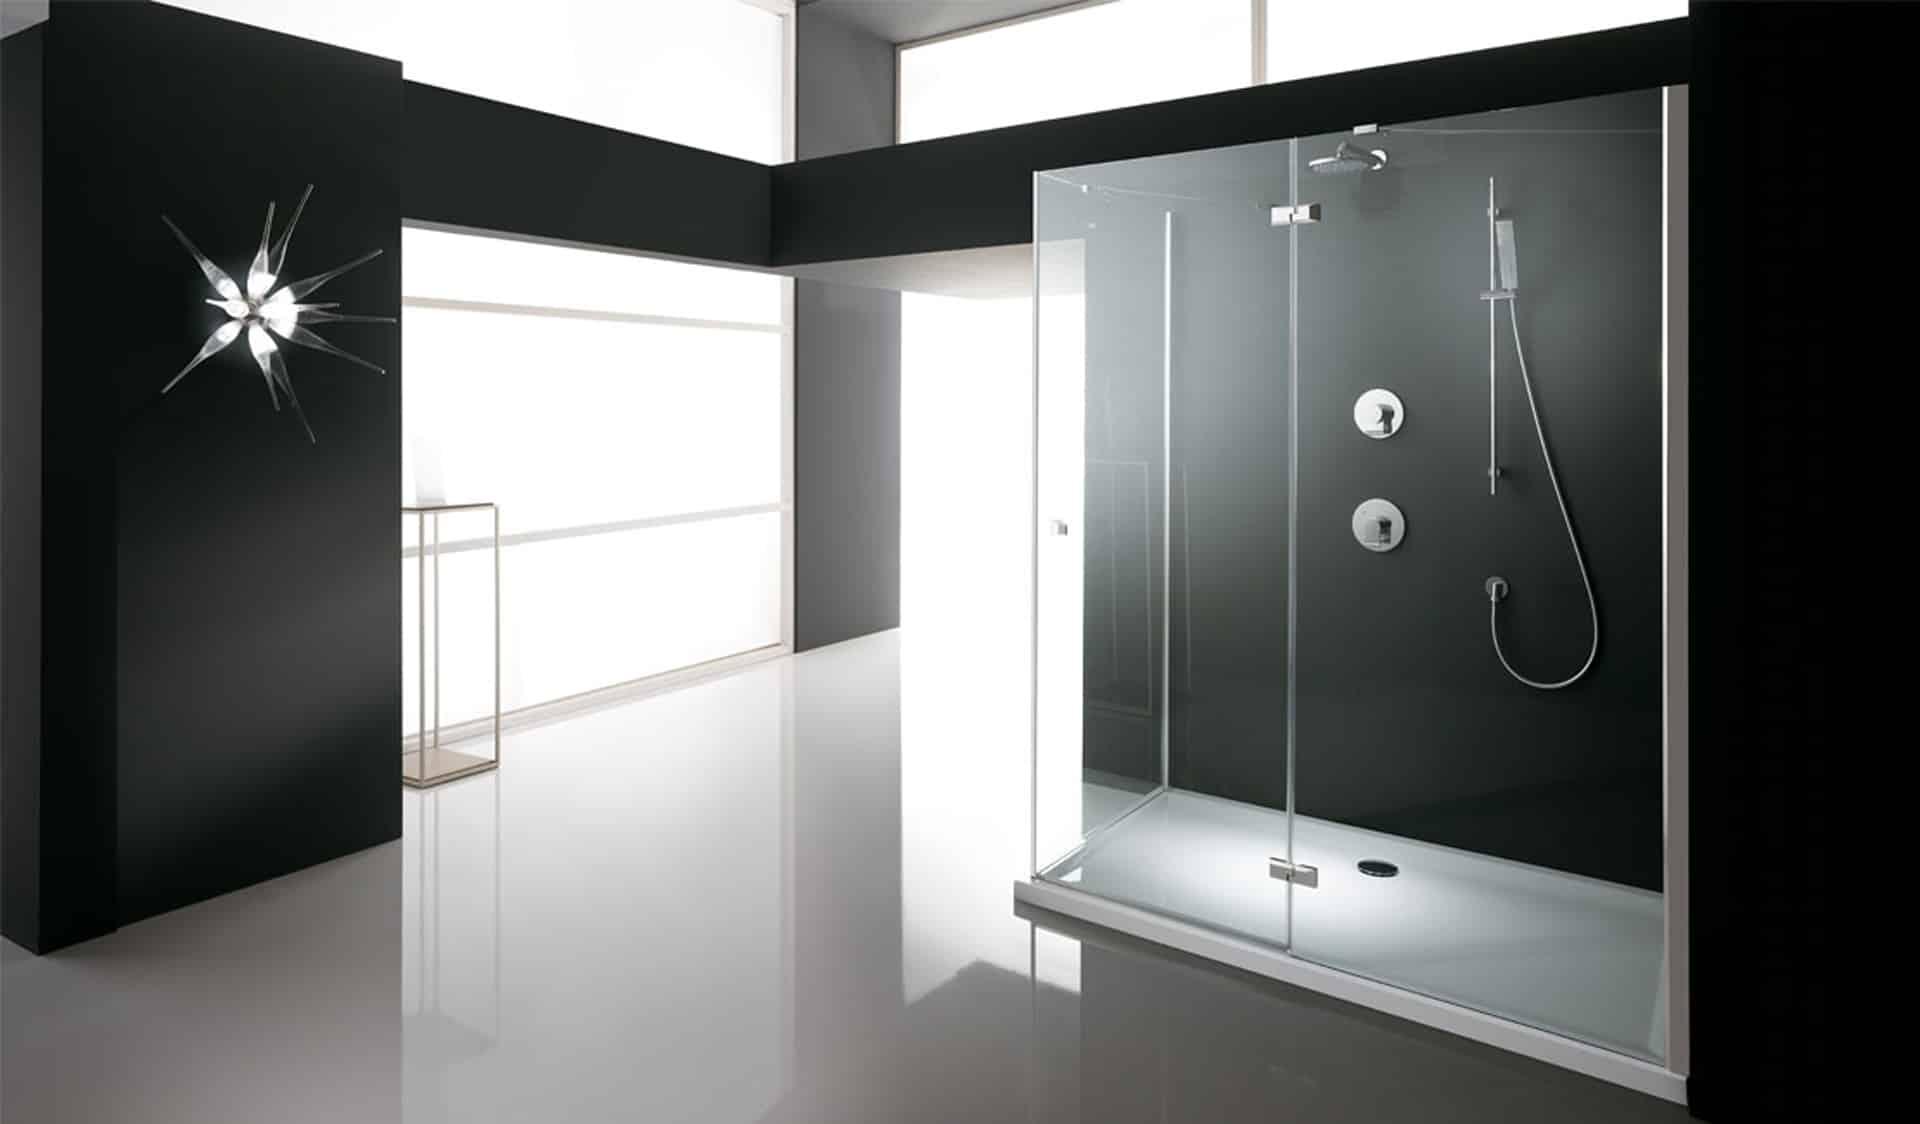 Cabine doccia teuco orsolini - Vasche da bagno con box doccia ...